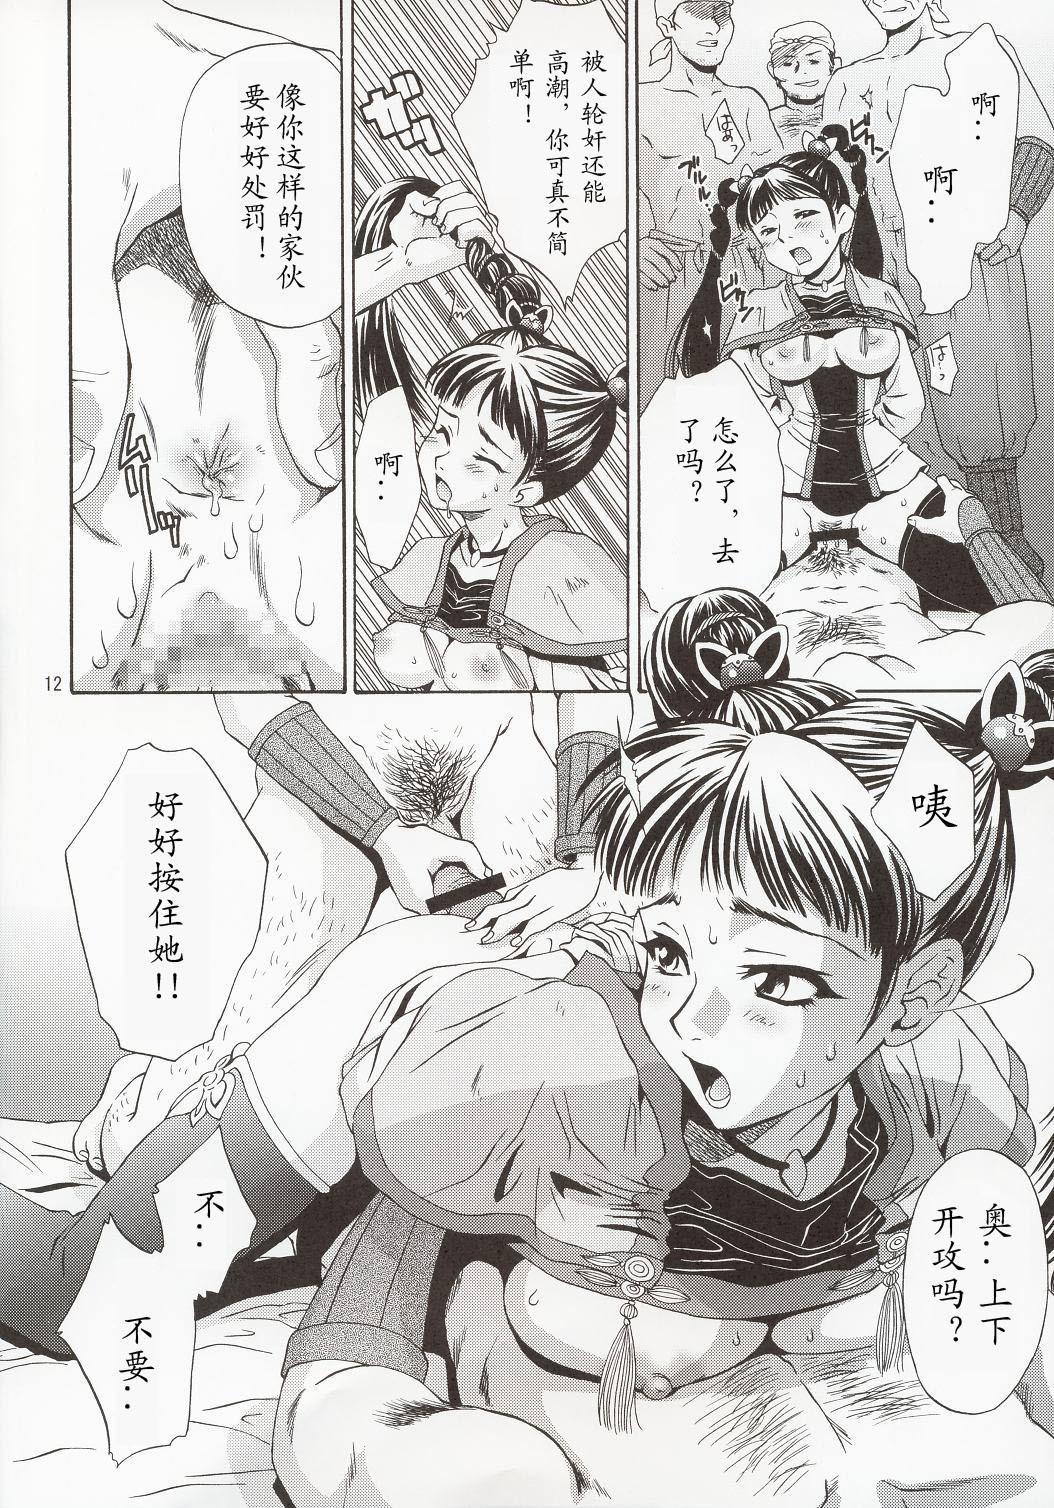 In Sangoku Musou 10